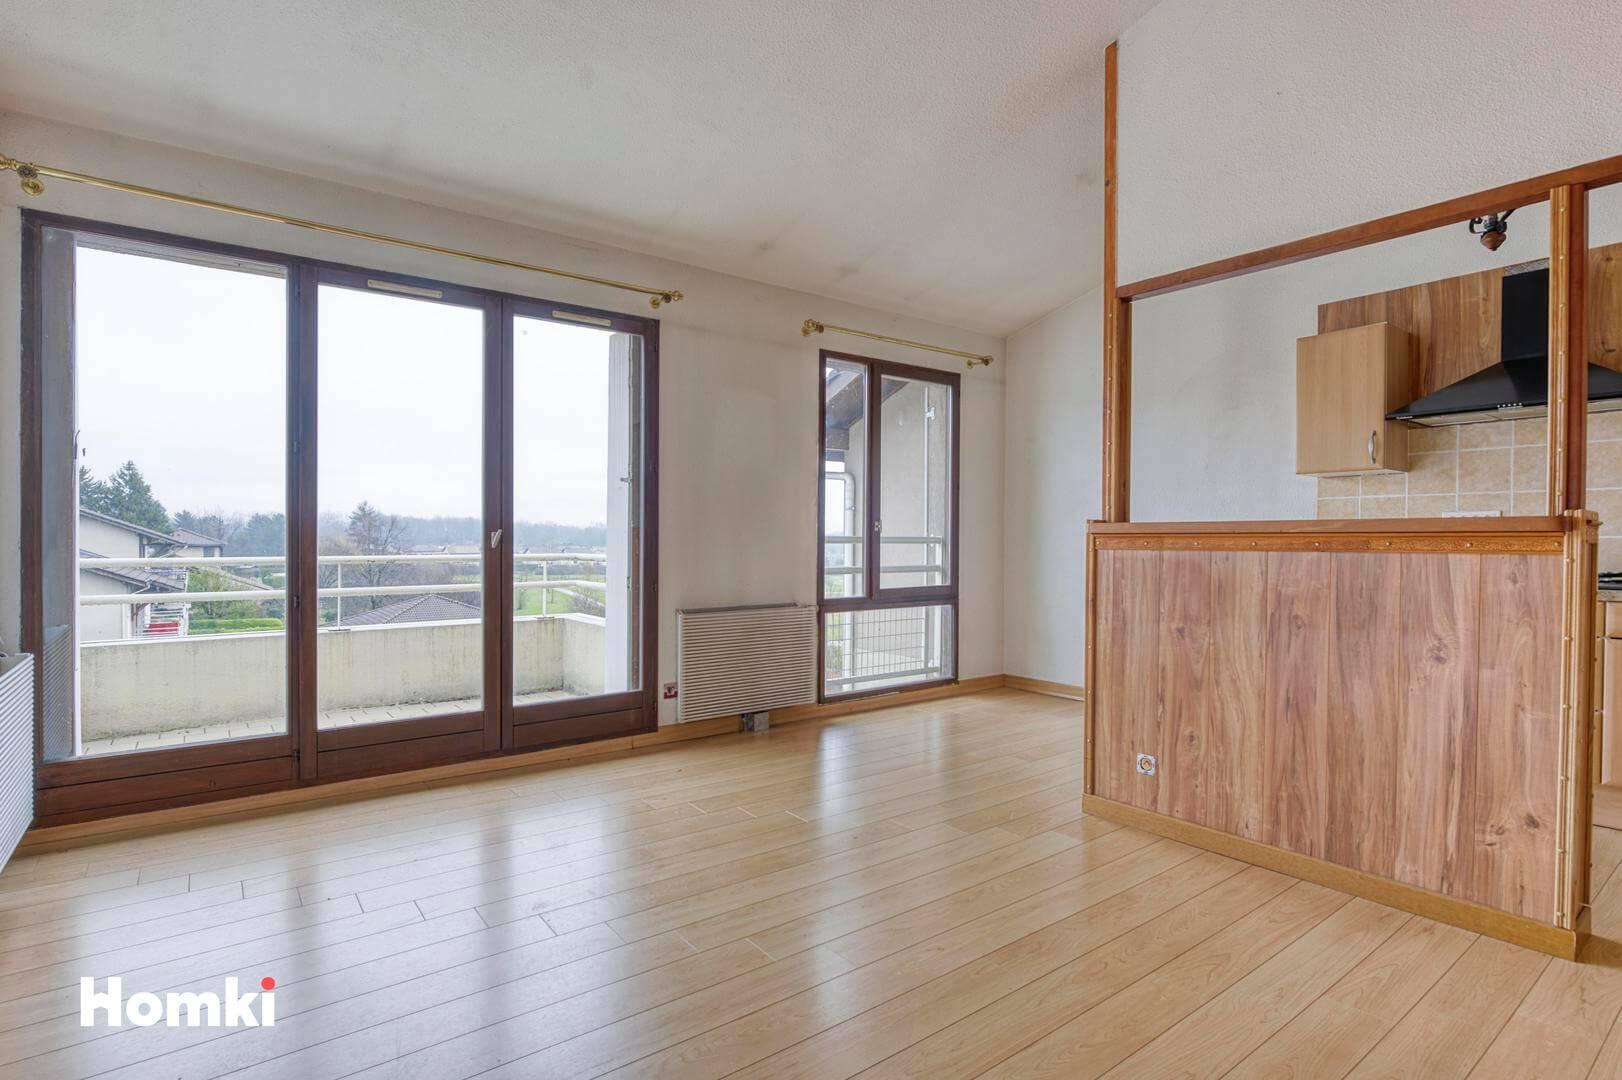 Homki - Vente Appartement  de 41.0 m² à Crolles 38920